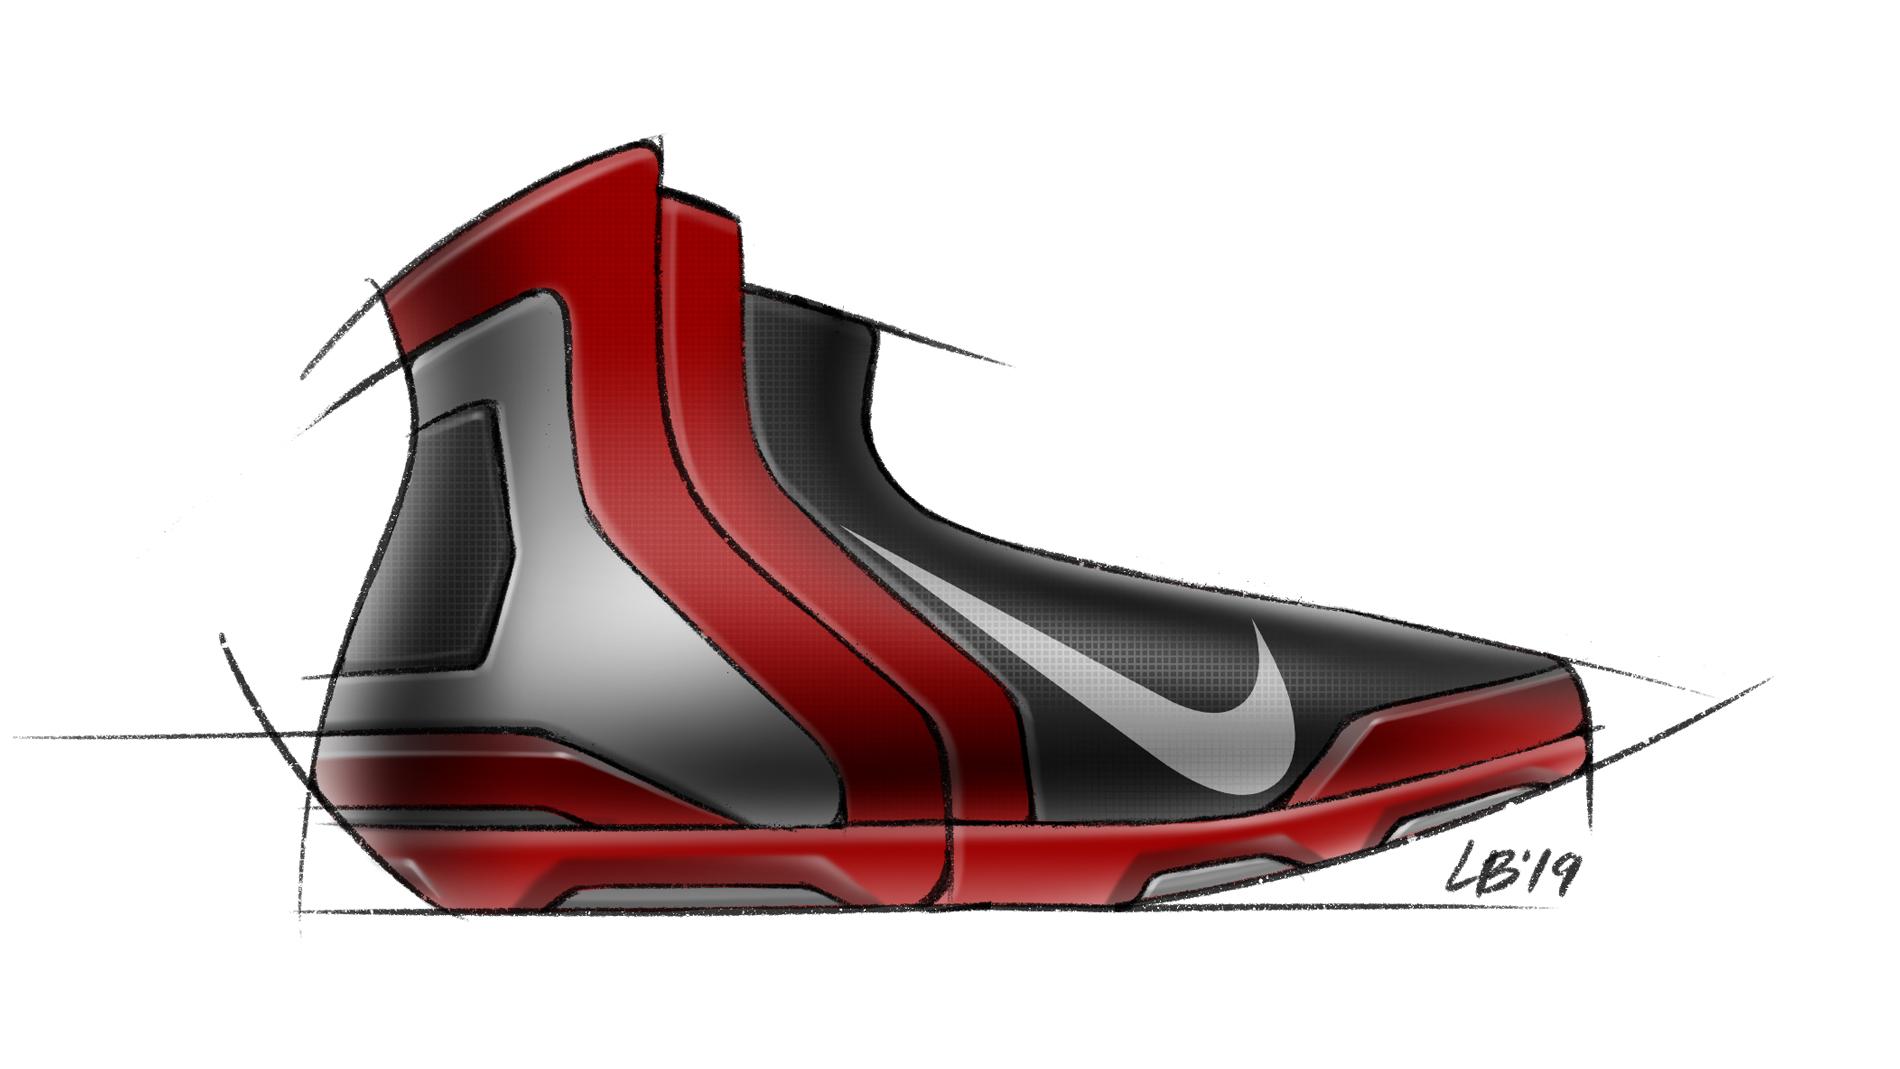 190313_sneakers-redblack-w.jpg